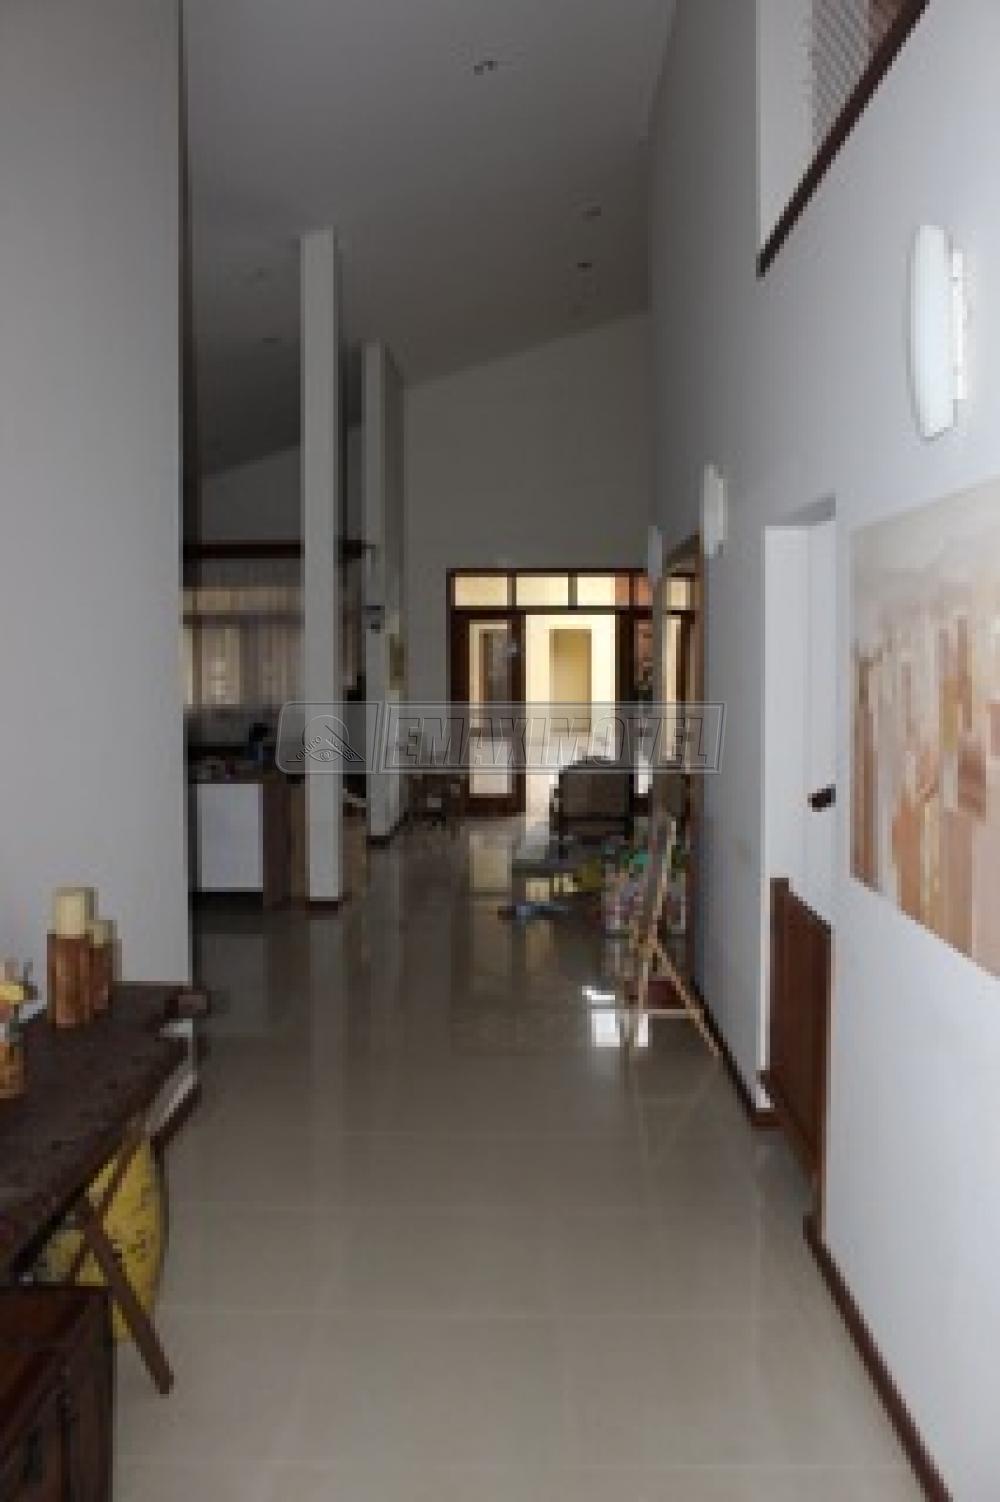 Comprar Casas / em Condomínios em Sorocaba R$ 1.600.000,00 - Foto 11